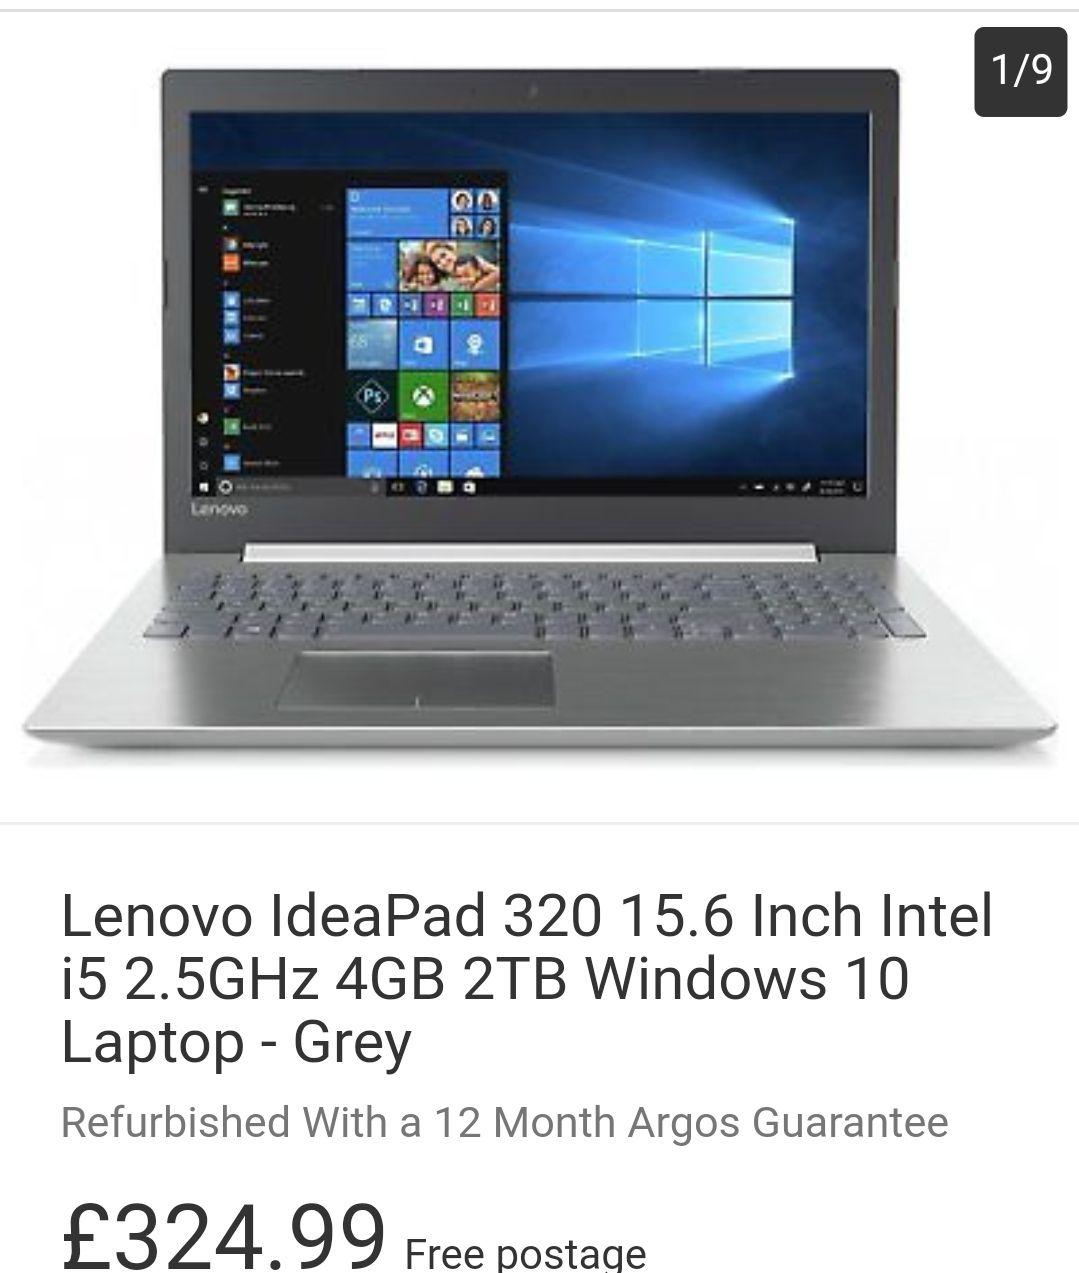 Lenovo IdeaPad 320 15.6 Inch Intel i5 2.5GHz 4GB 2TB  - Grey Refurb With a 12mth Guarantee £324.99 Argos eBay & 24 months 0% via PayPal ebay